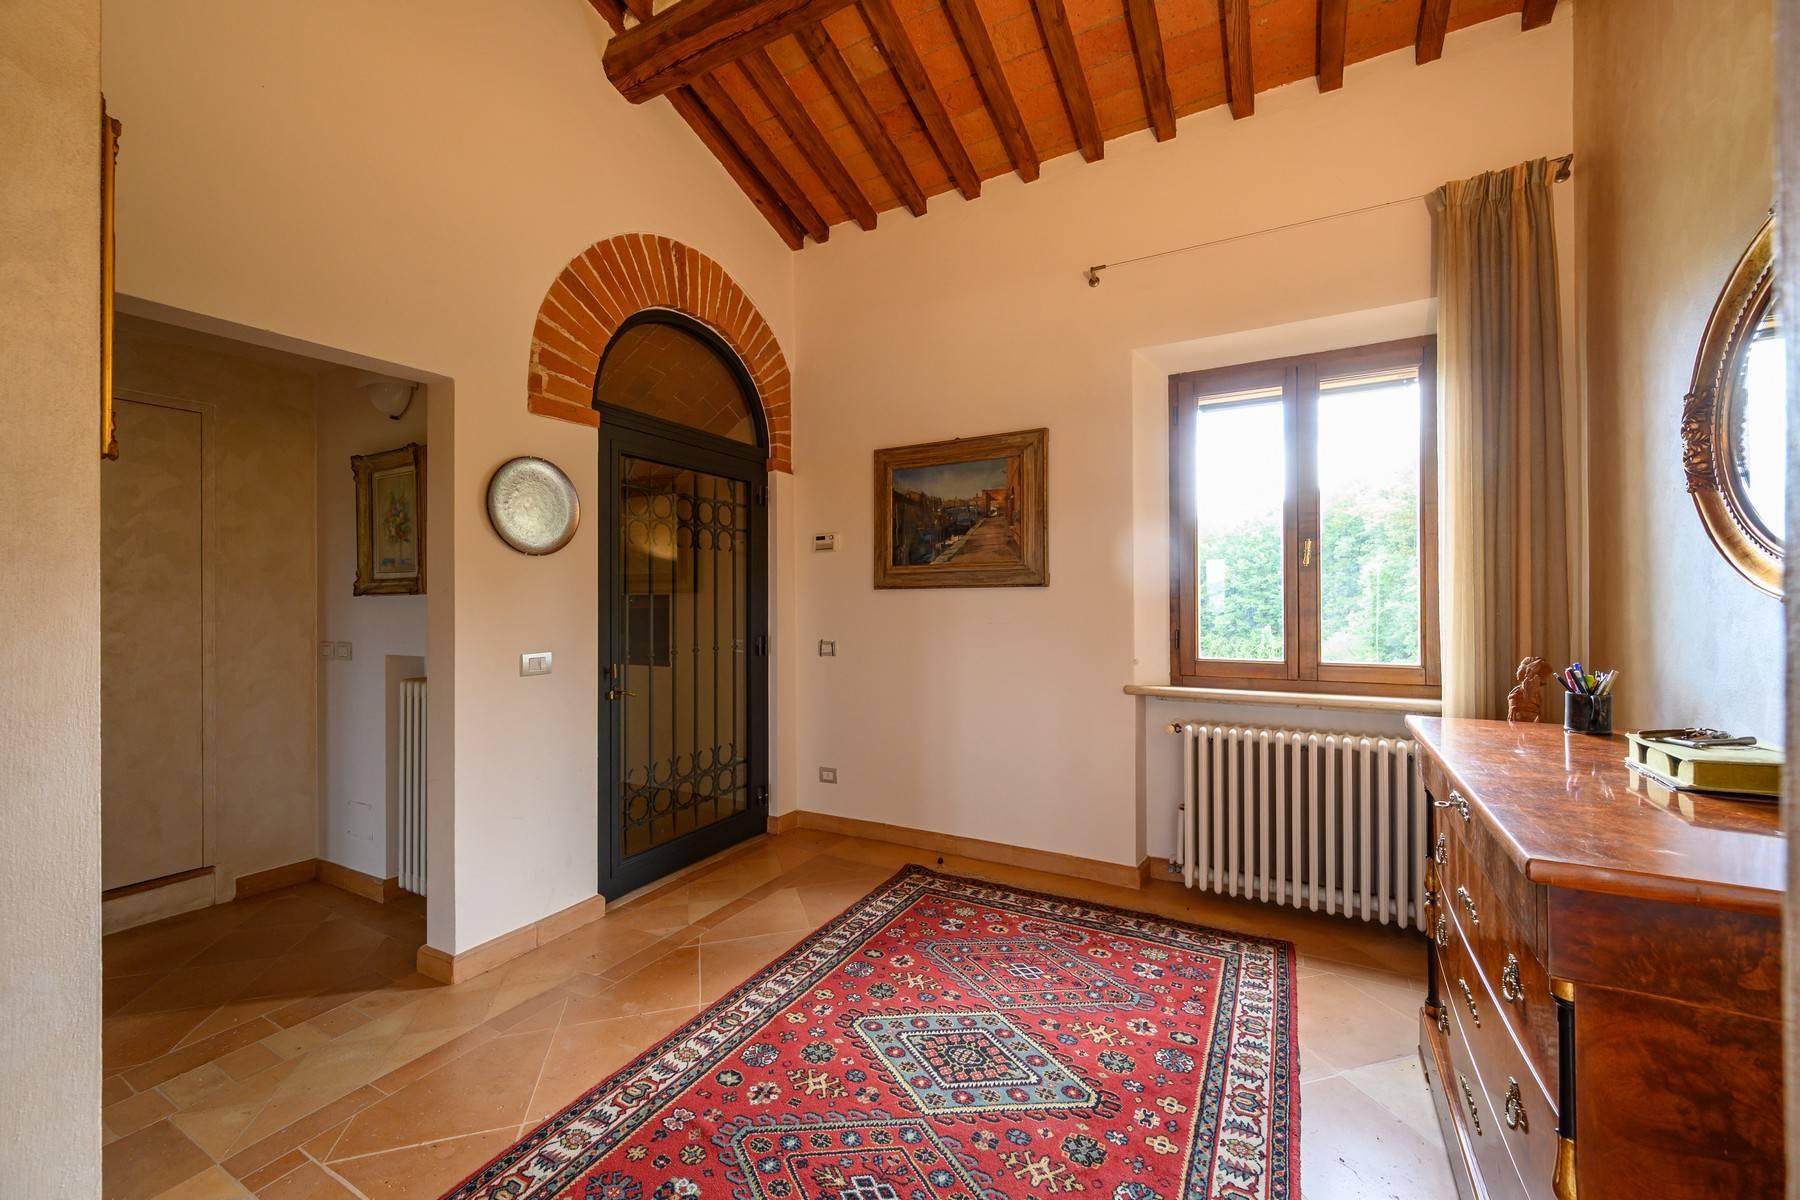 Rustico in Vendita a Montepulciano: 5 locali, 377 mq - Foto 6